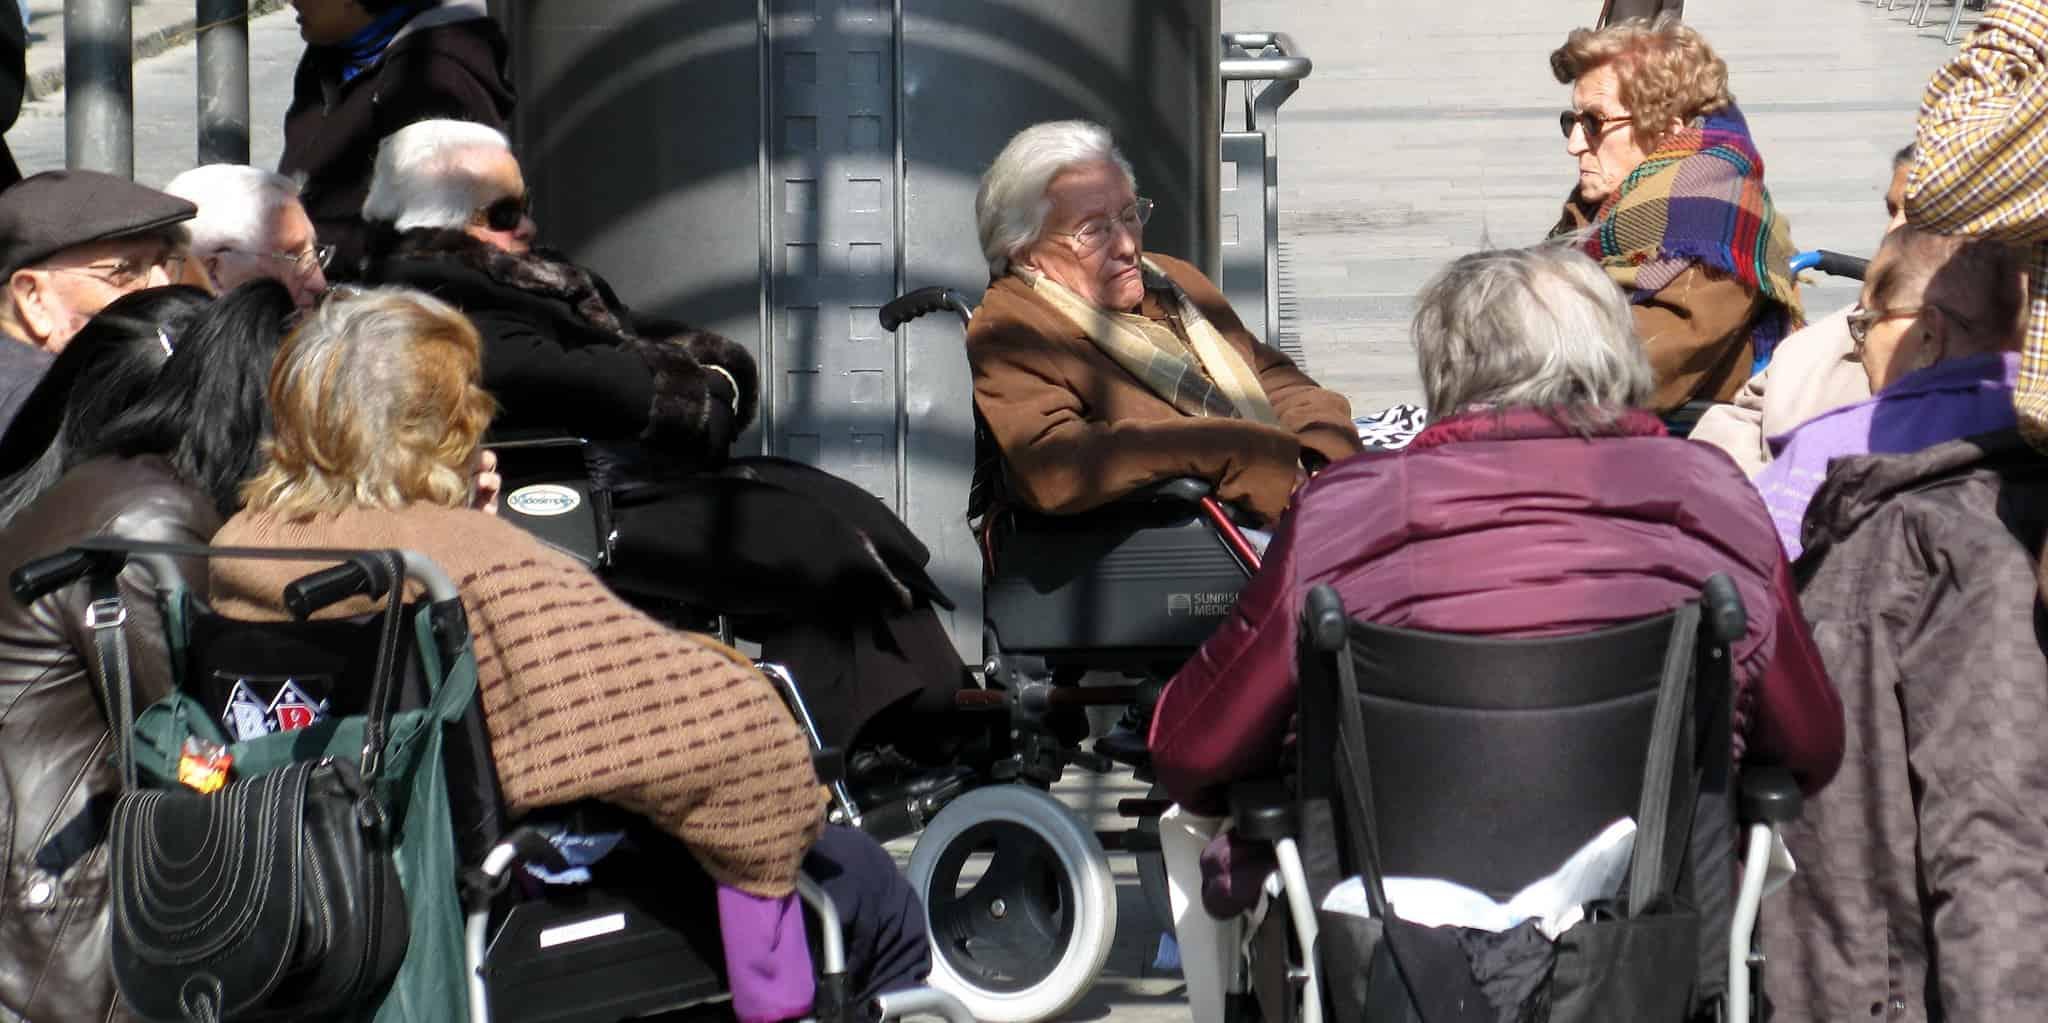 קשישים בכיסאות גלגלים סופגים קצת שמש. צילום: פראן אורבאנו